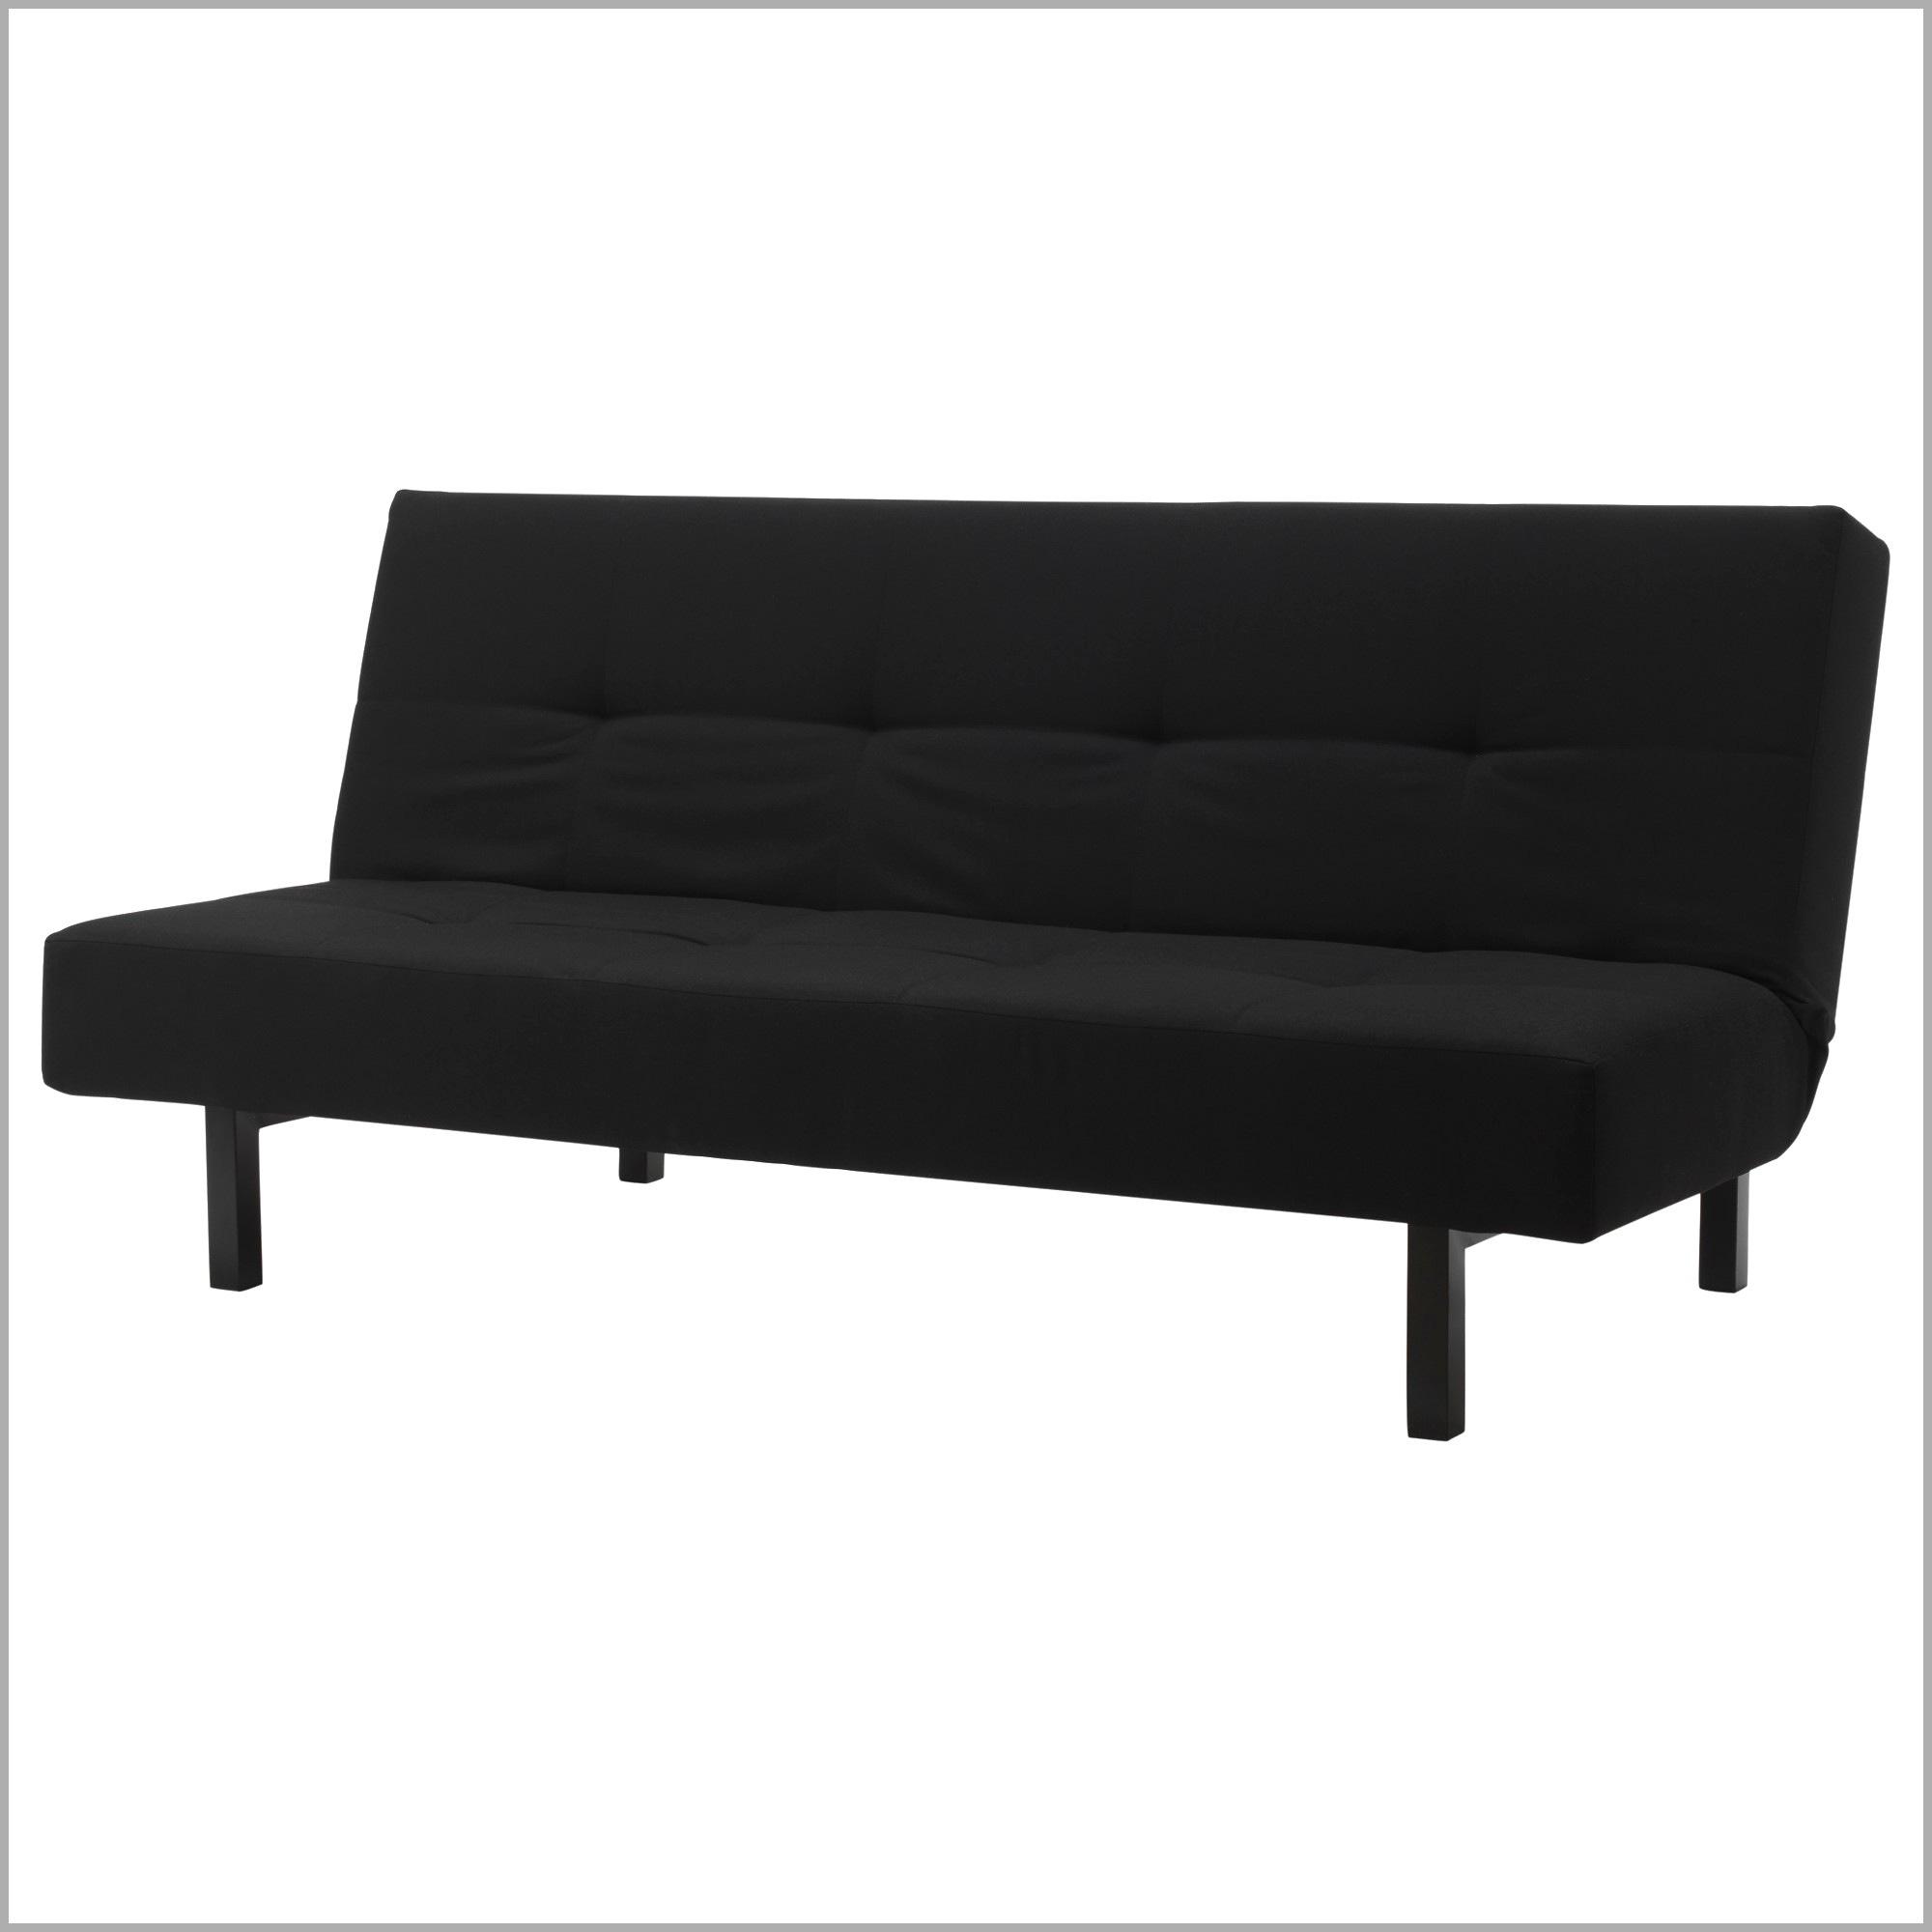 Canapé Lit 2 Places Ikea Luxe Stock Les 13 Frais Matelas Pour Canapé Image